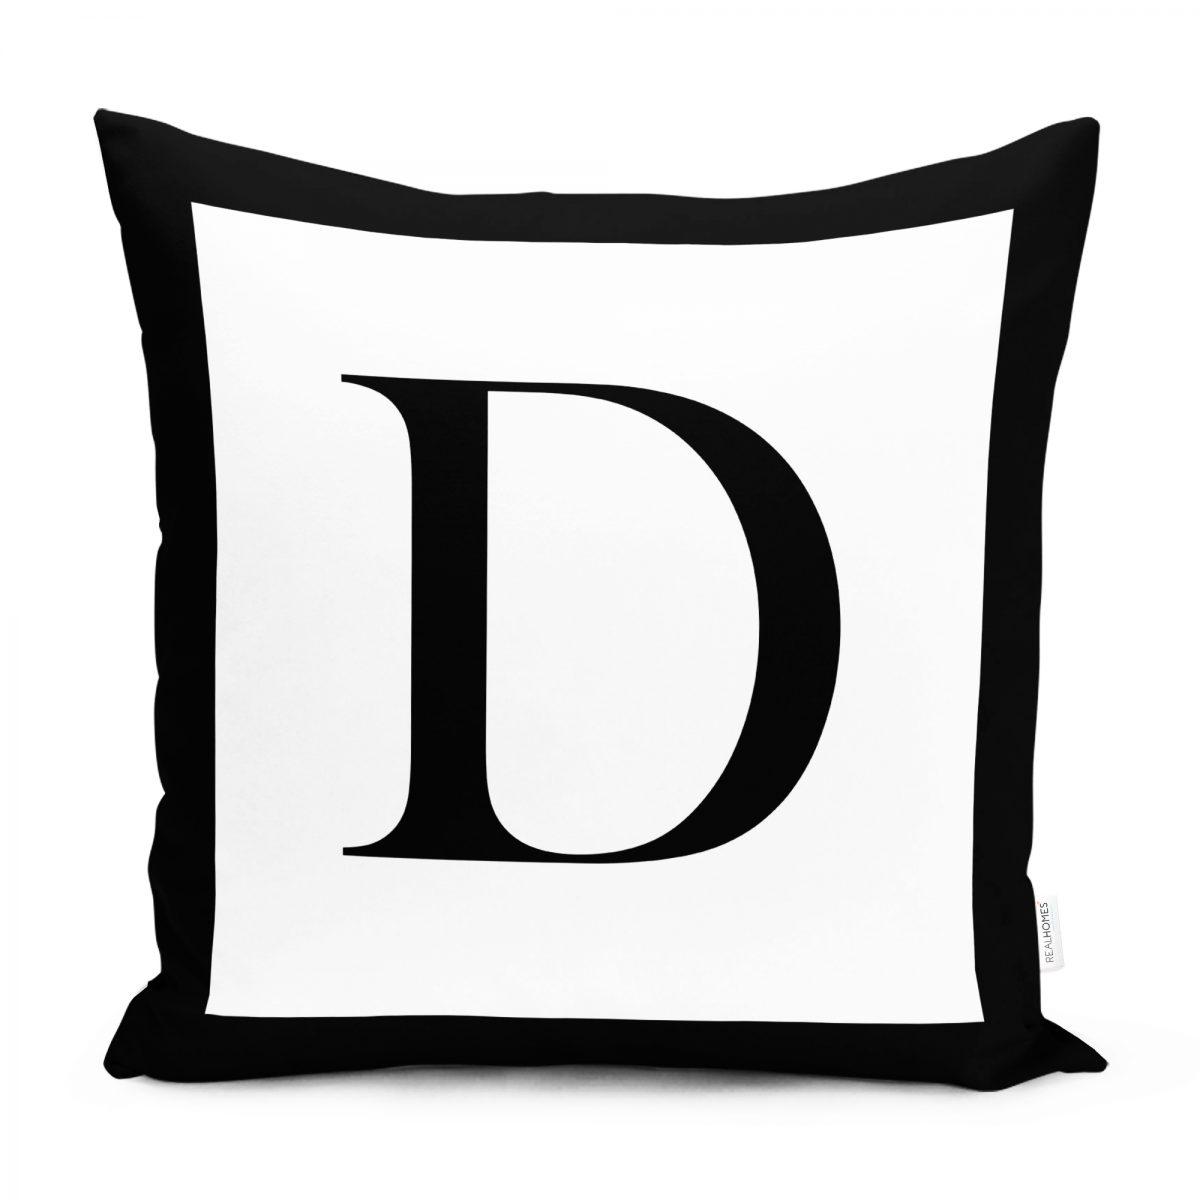 RealHomes Siyah Beyaz D Harfli Yastık Kırlent Kılıfı Realhomes